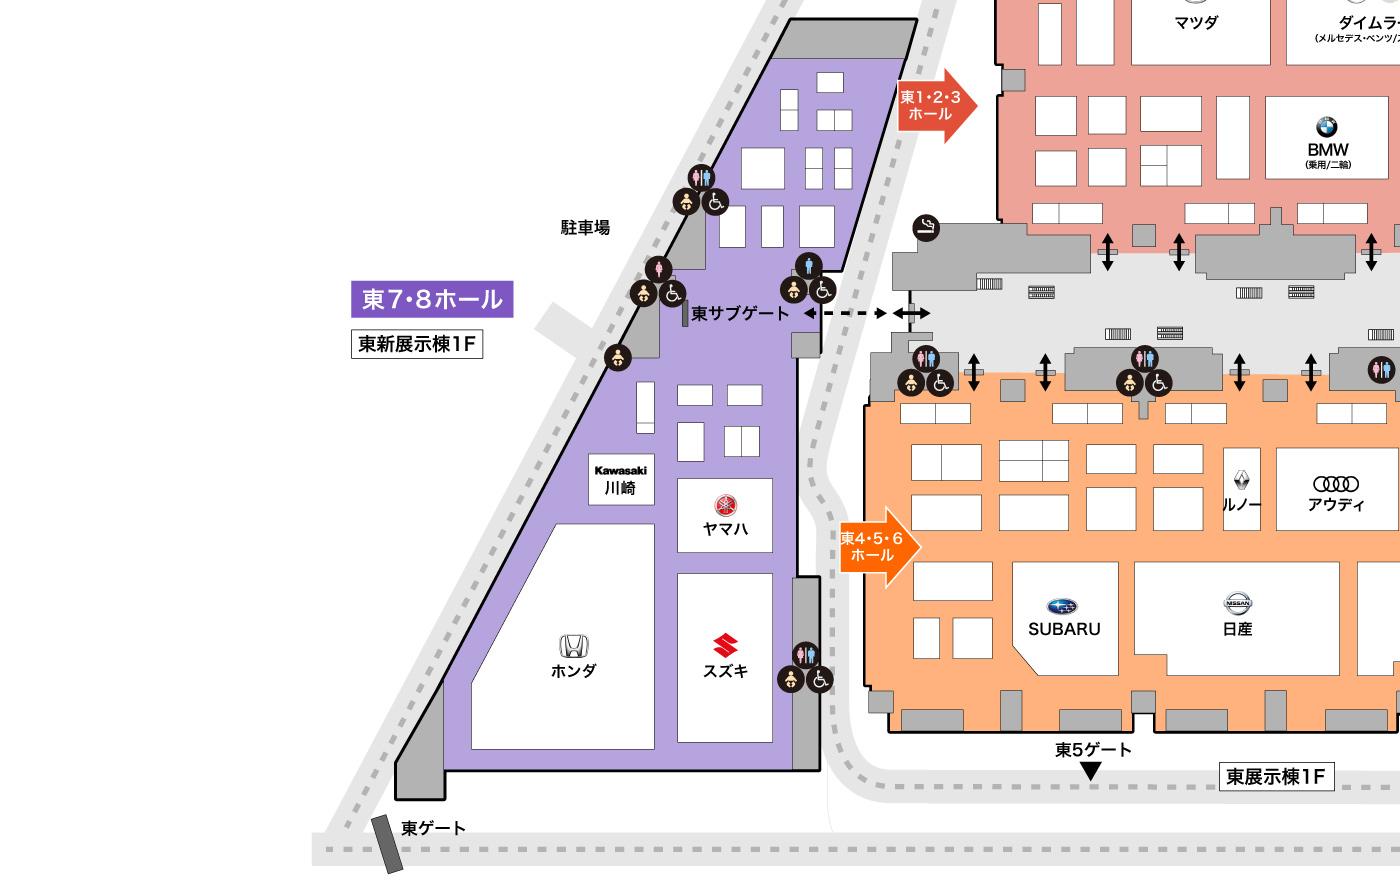 東7,8ホール詳細マップ